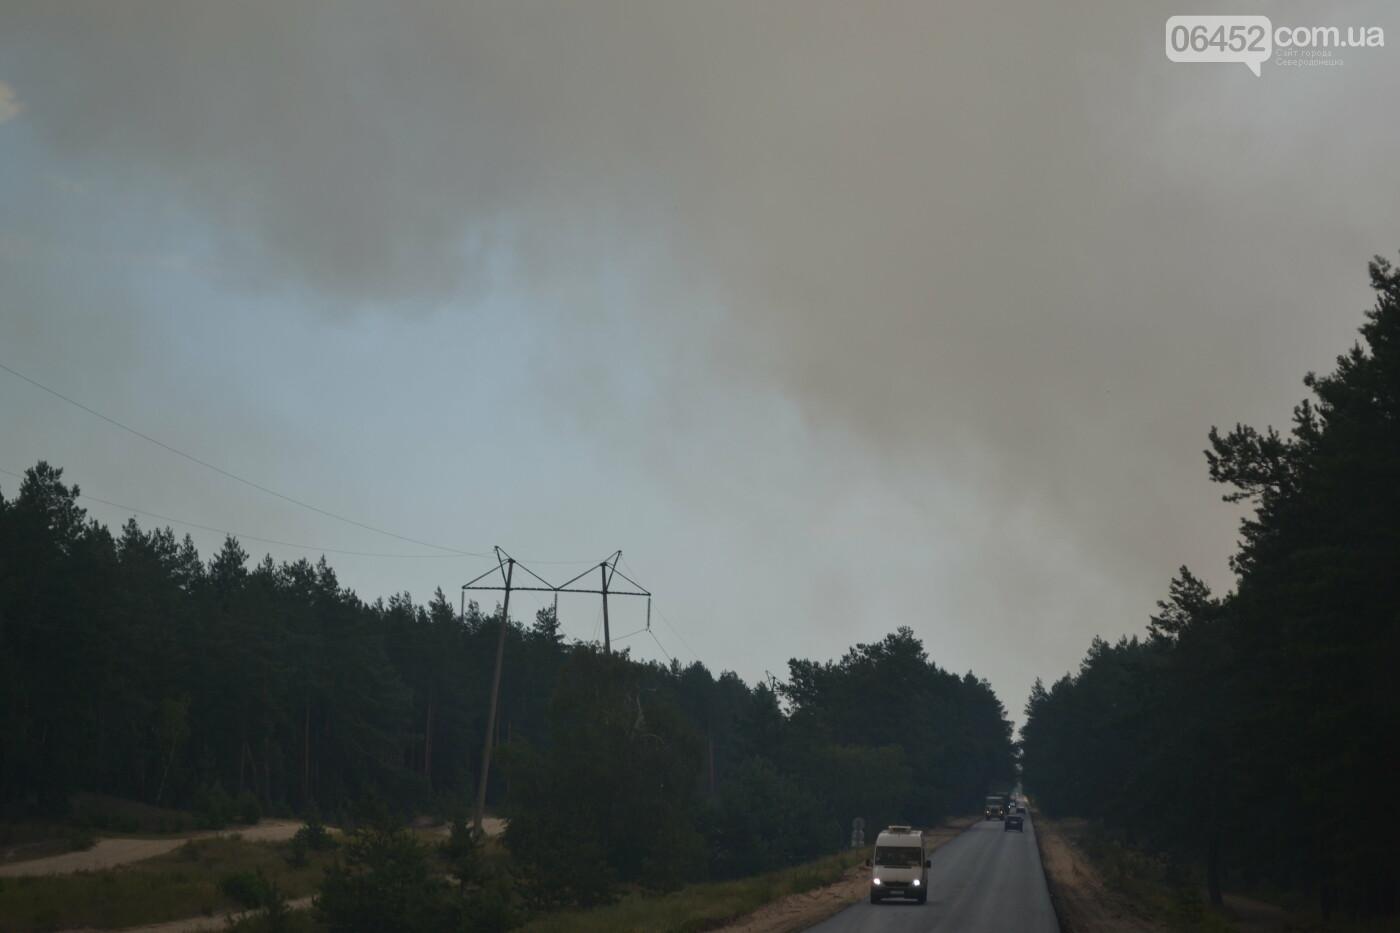 За Северодонецком новое массовое возгорание леса (видео) , фото-2